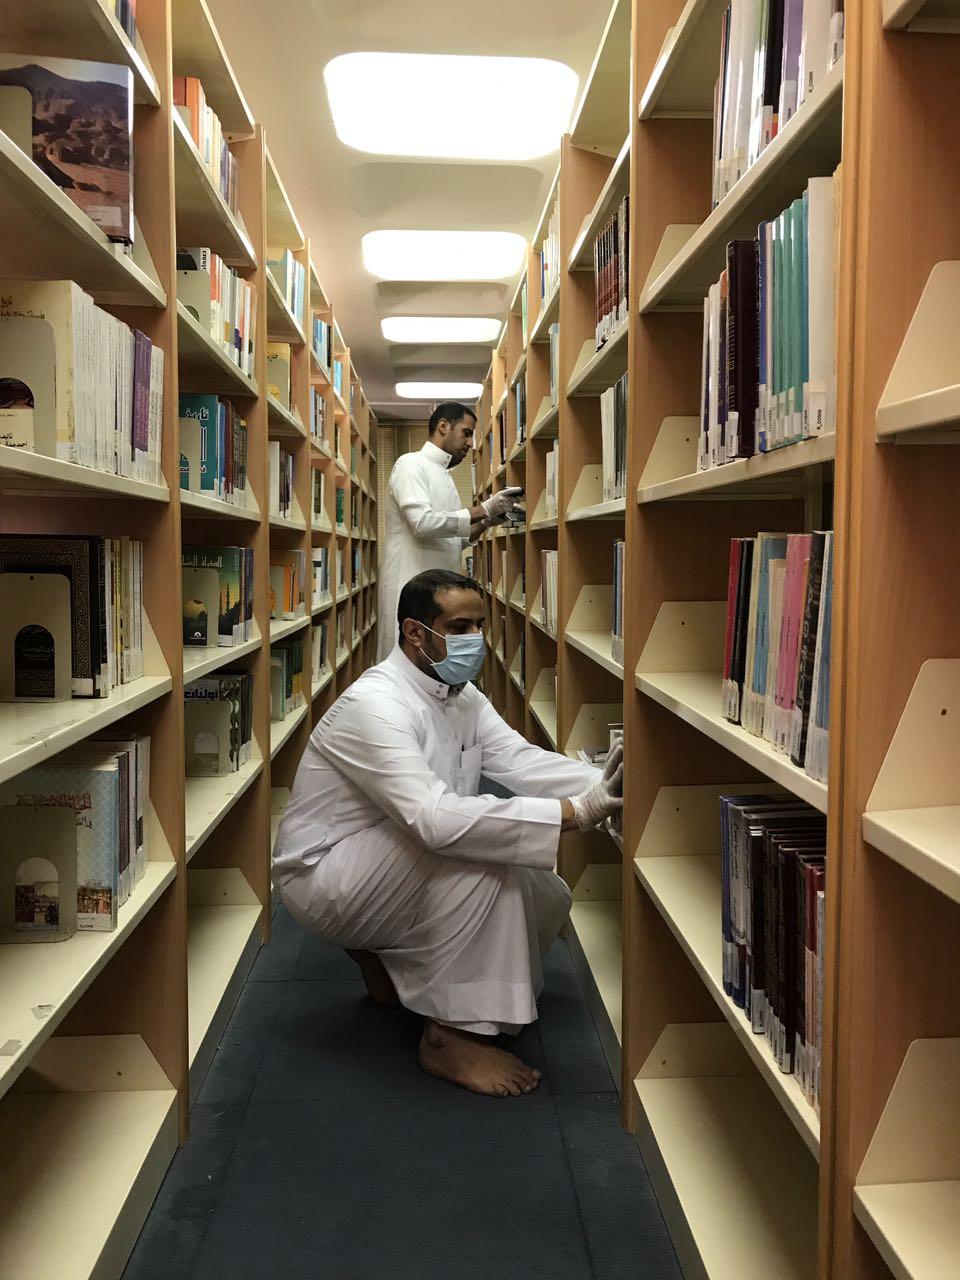 مشروع الجرد في مكتبة كلية الجتمع